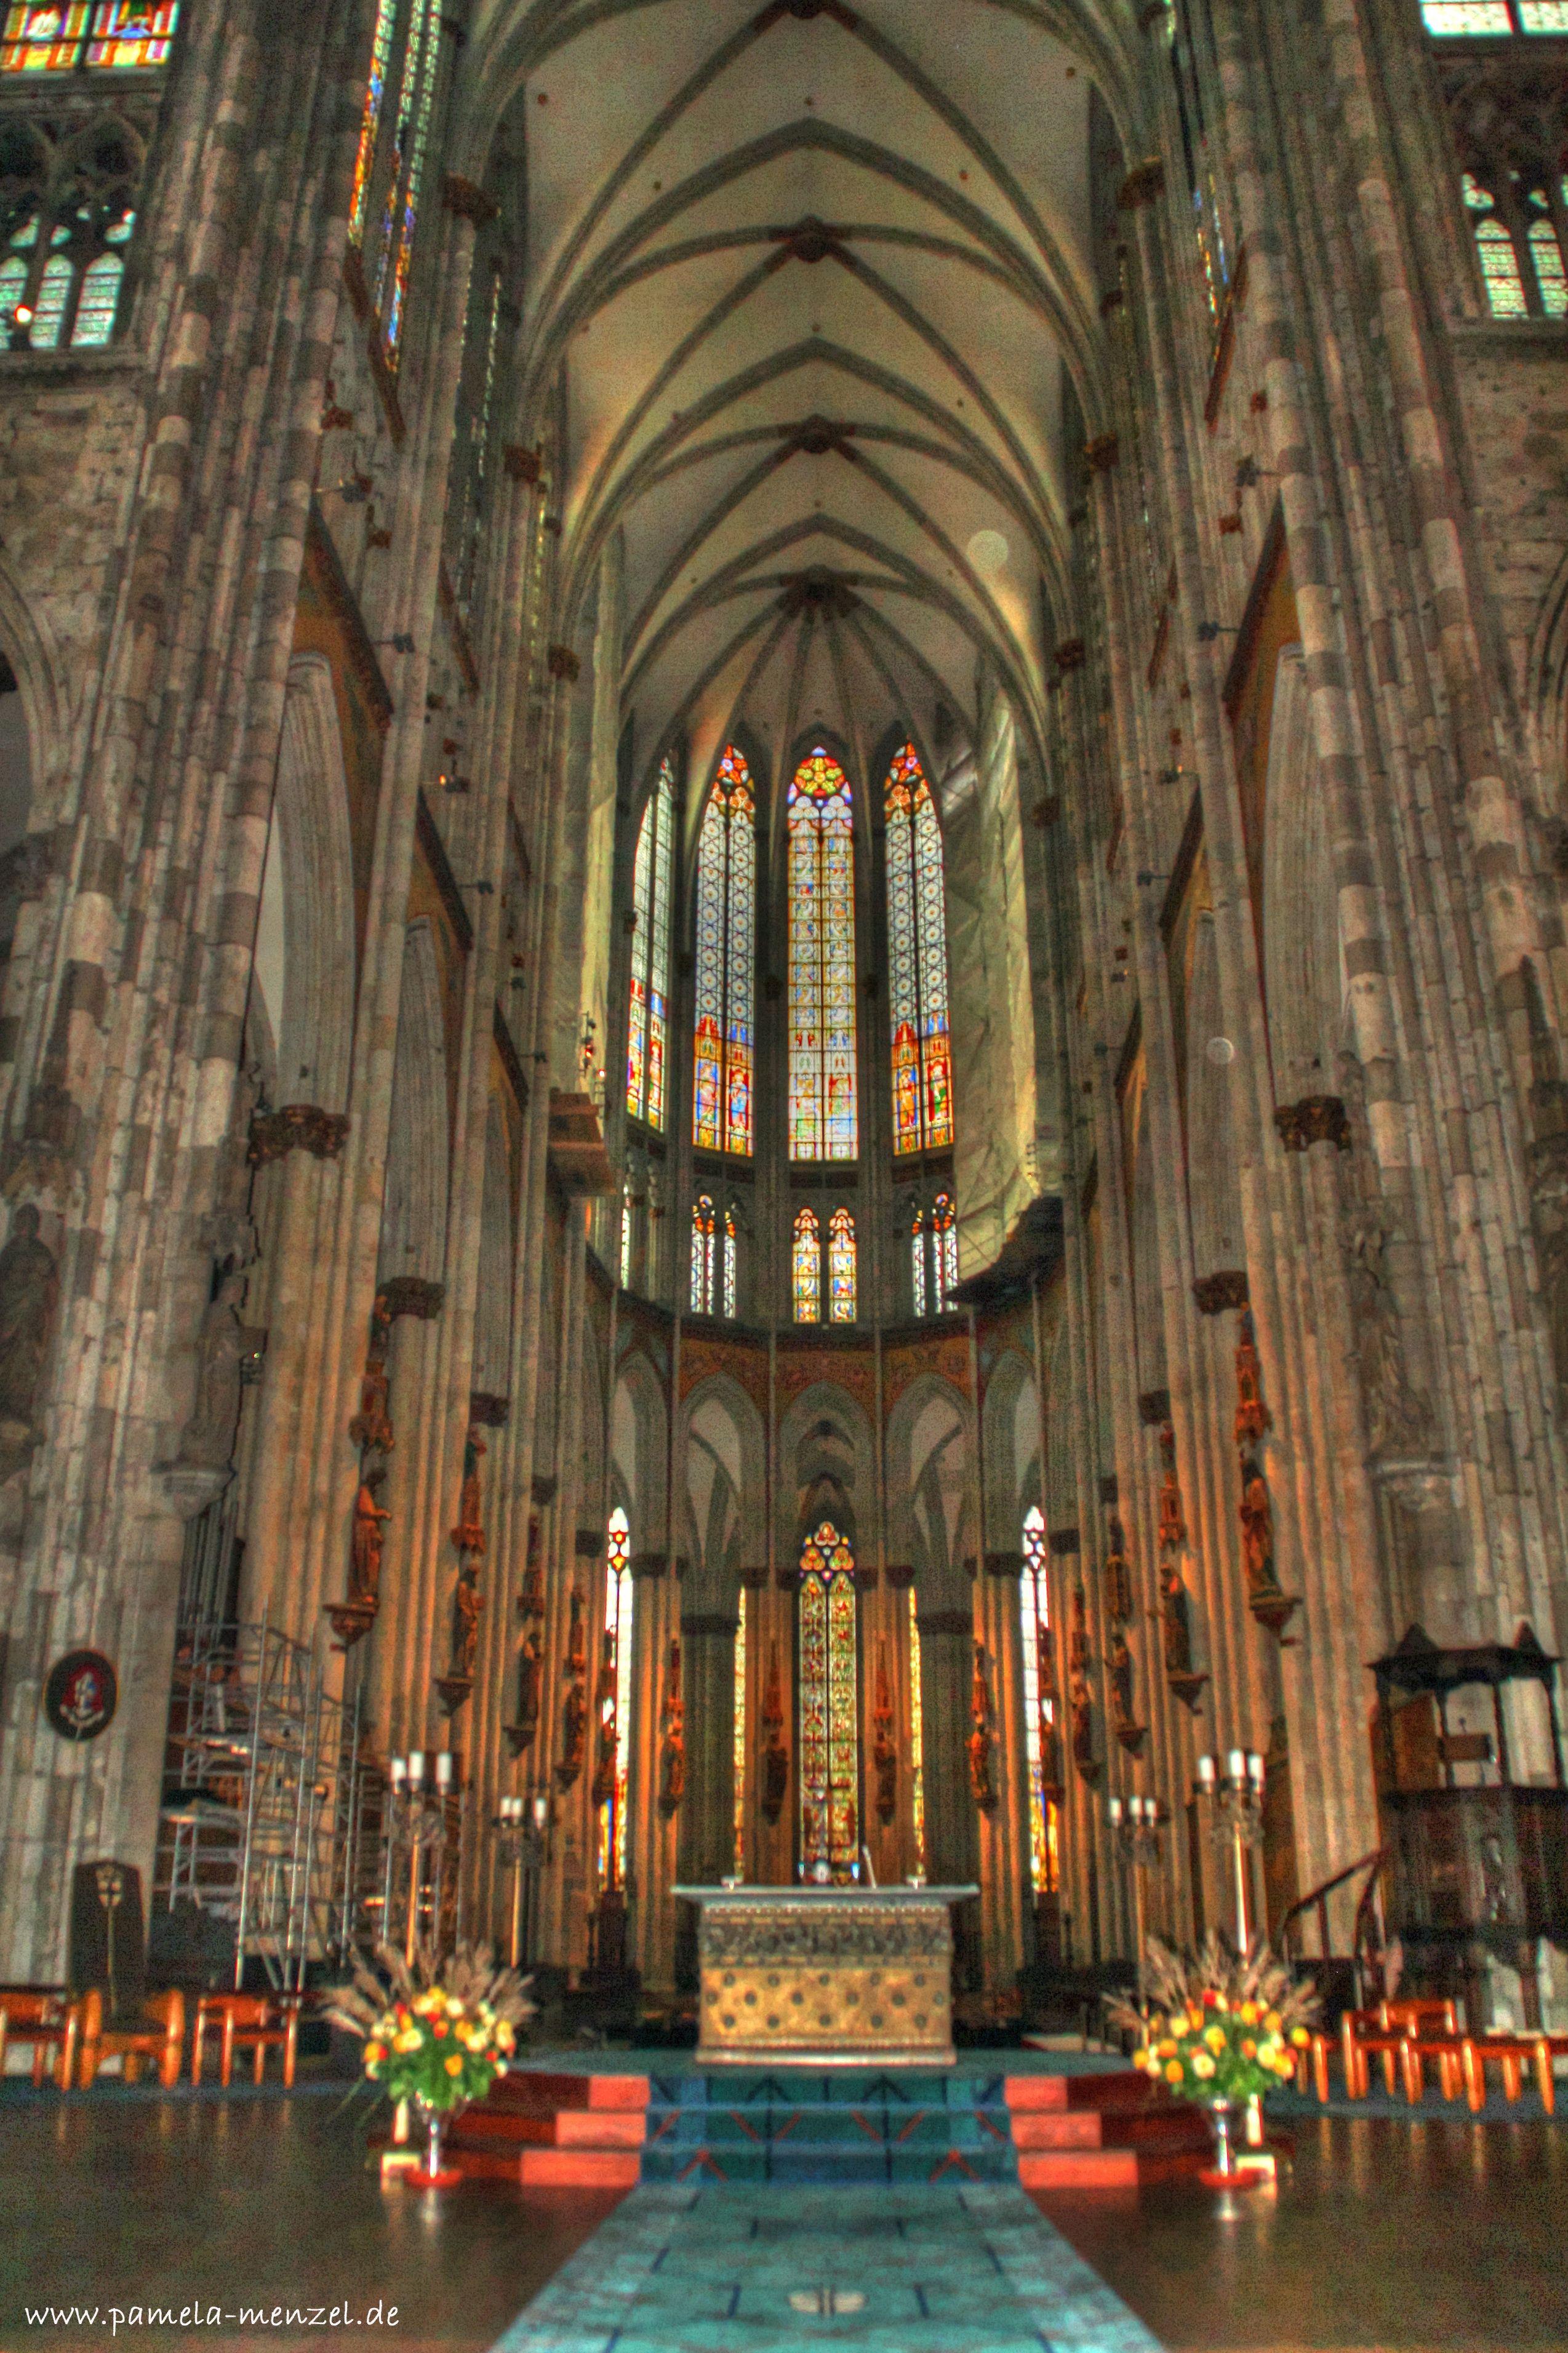 interieur van de dom van keulen gotische kathedraal met kruisribgewelf en afbeeldingen op de gebrandschilderde ramen